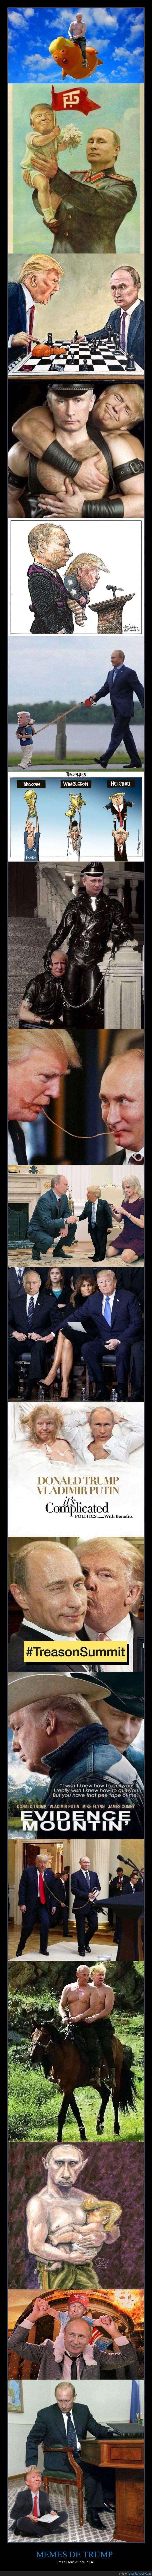 donald trummp,memes,políticos,putin